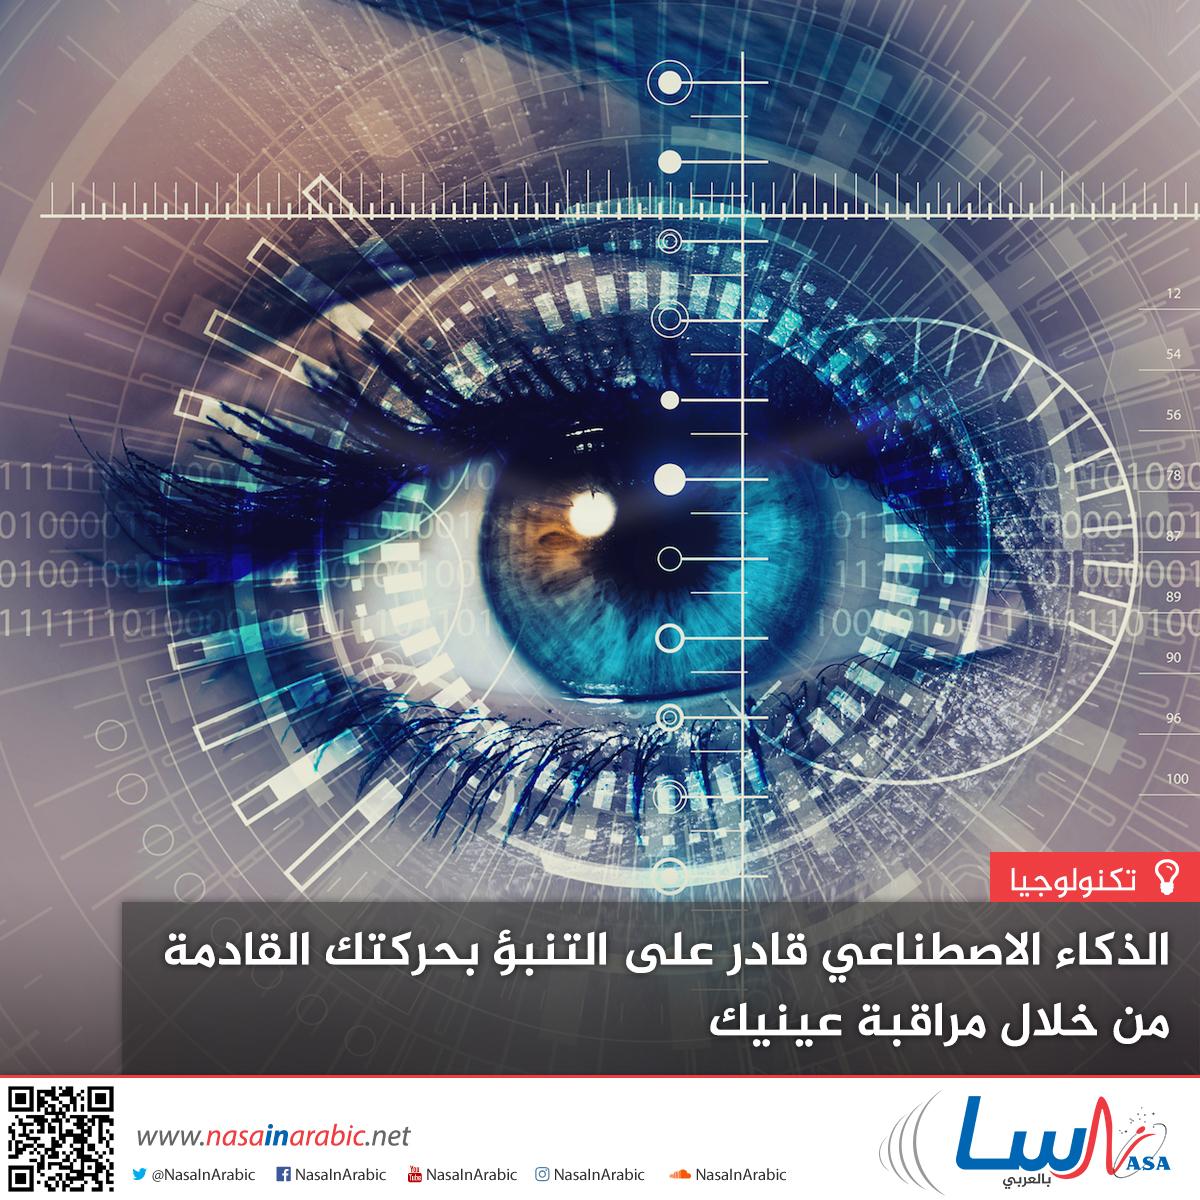 الذكاء الصنعي قادر على التنبؤ بحركتك القادمة من خلال مراقبة عينيك